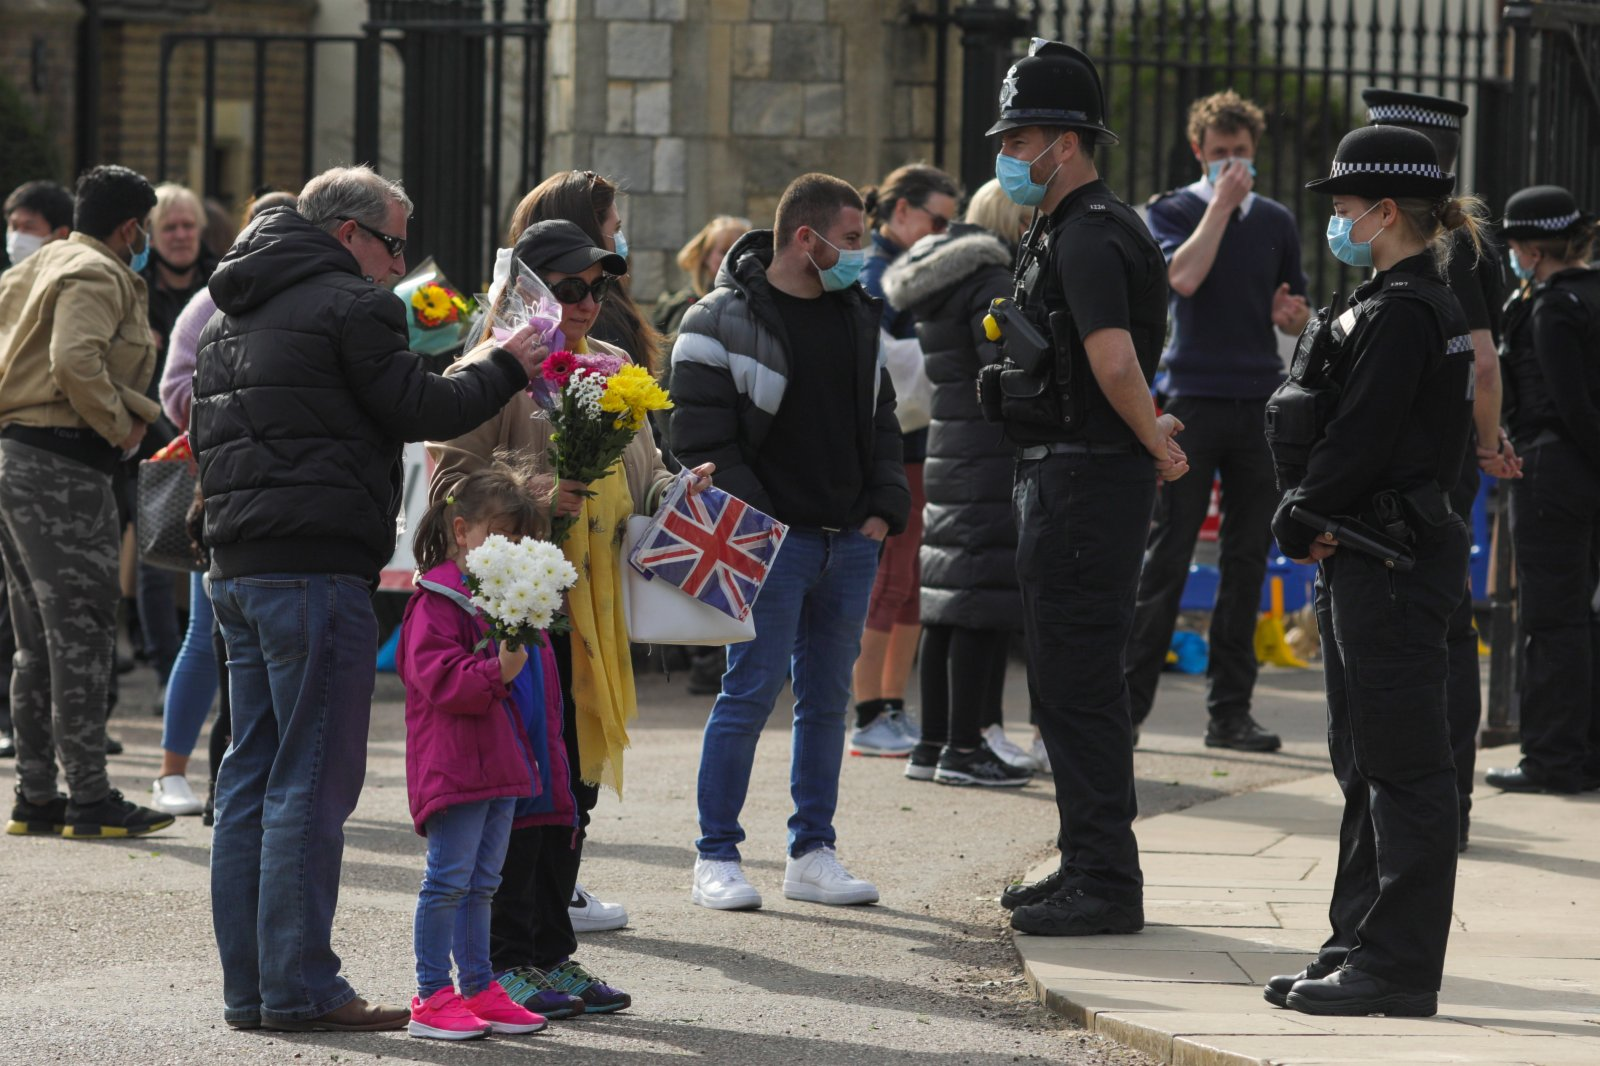 4月9日,人們手拿鮮花準備在英國溫莎城堡前擺放。新華社